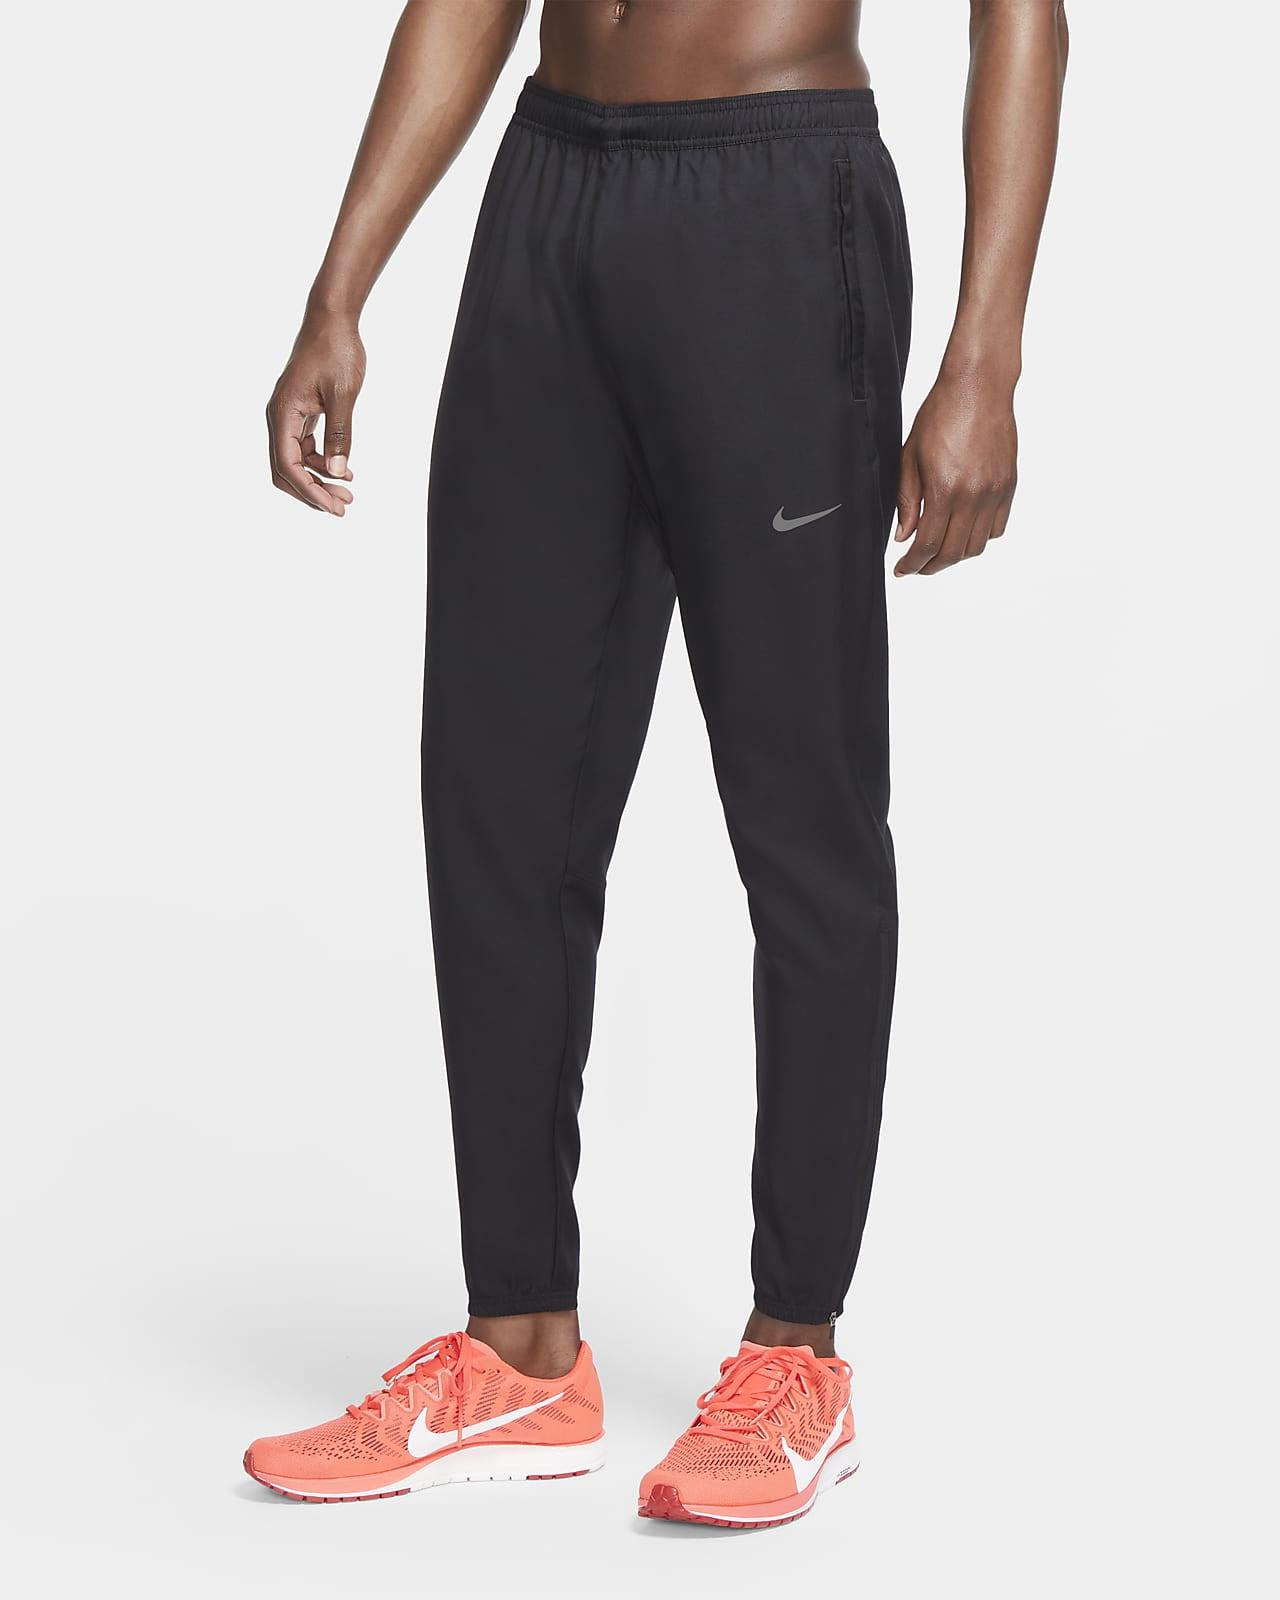 Nike Essential Pantalón de running de tejido Woven - Hombre